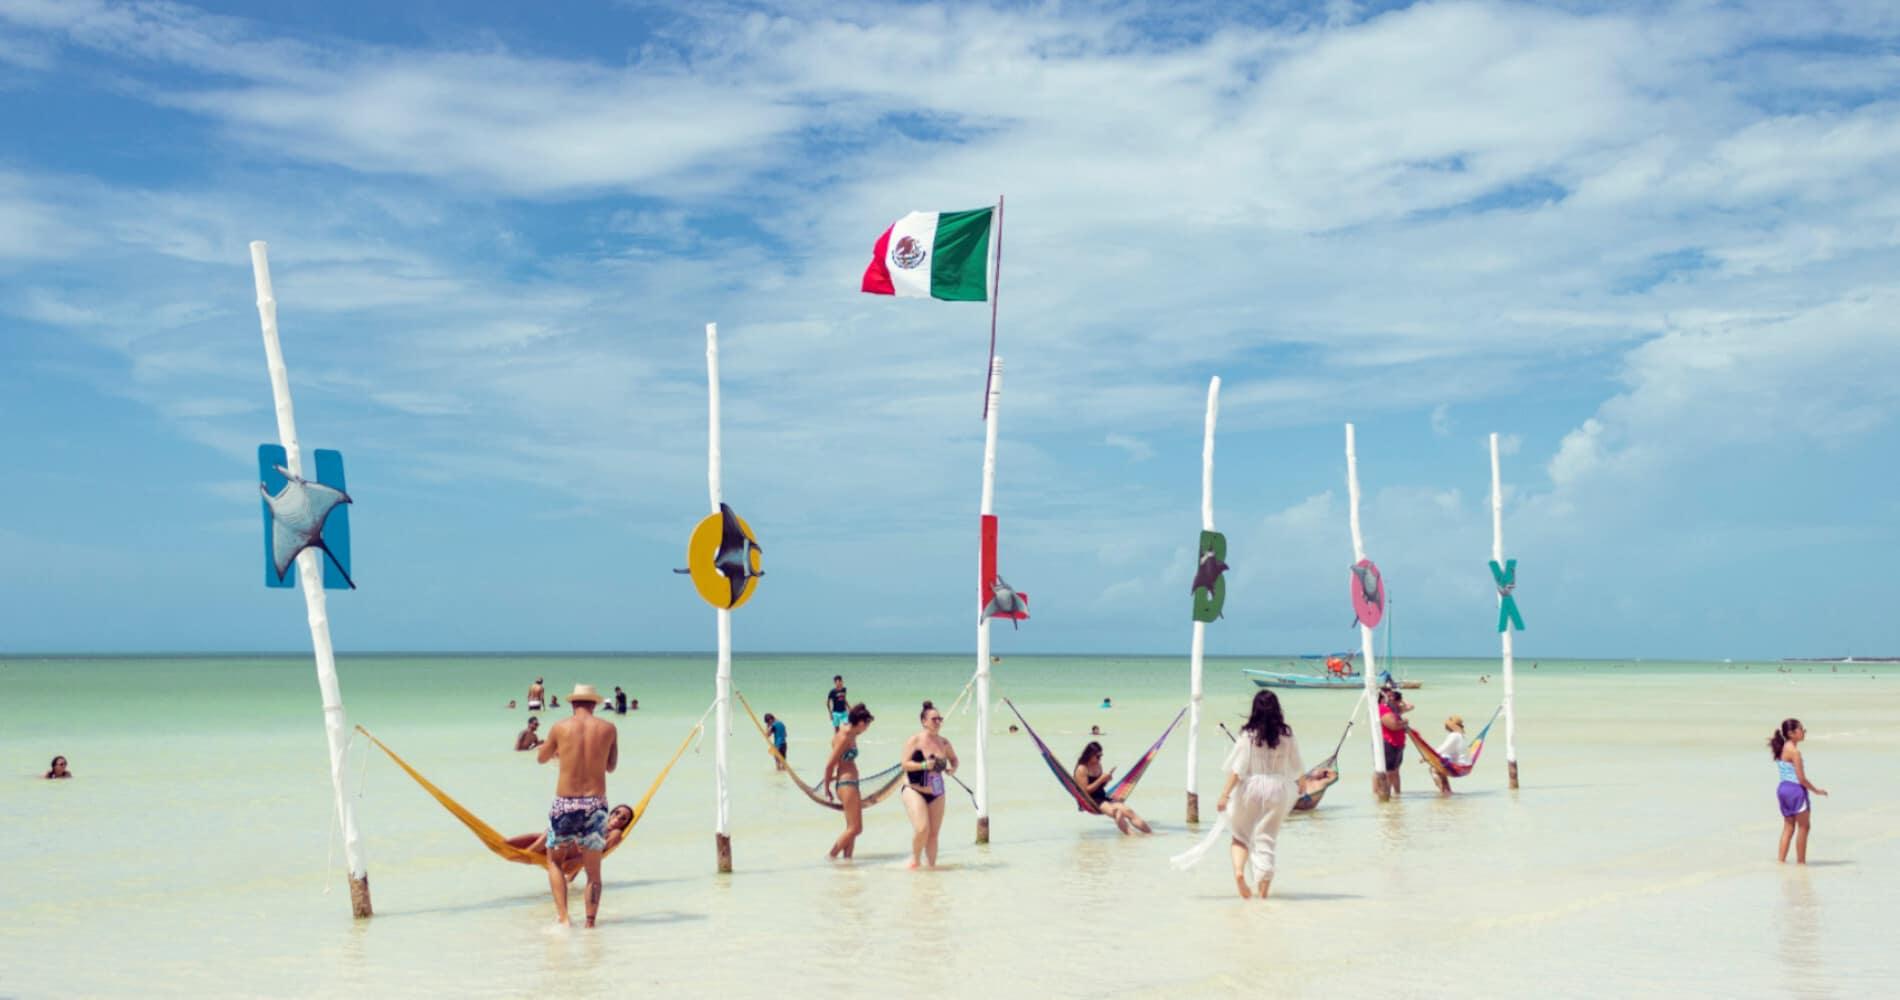 tierra-latina-virginie-fallon-avant-de-partir-au-mexique